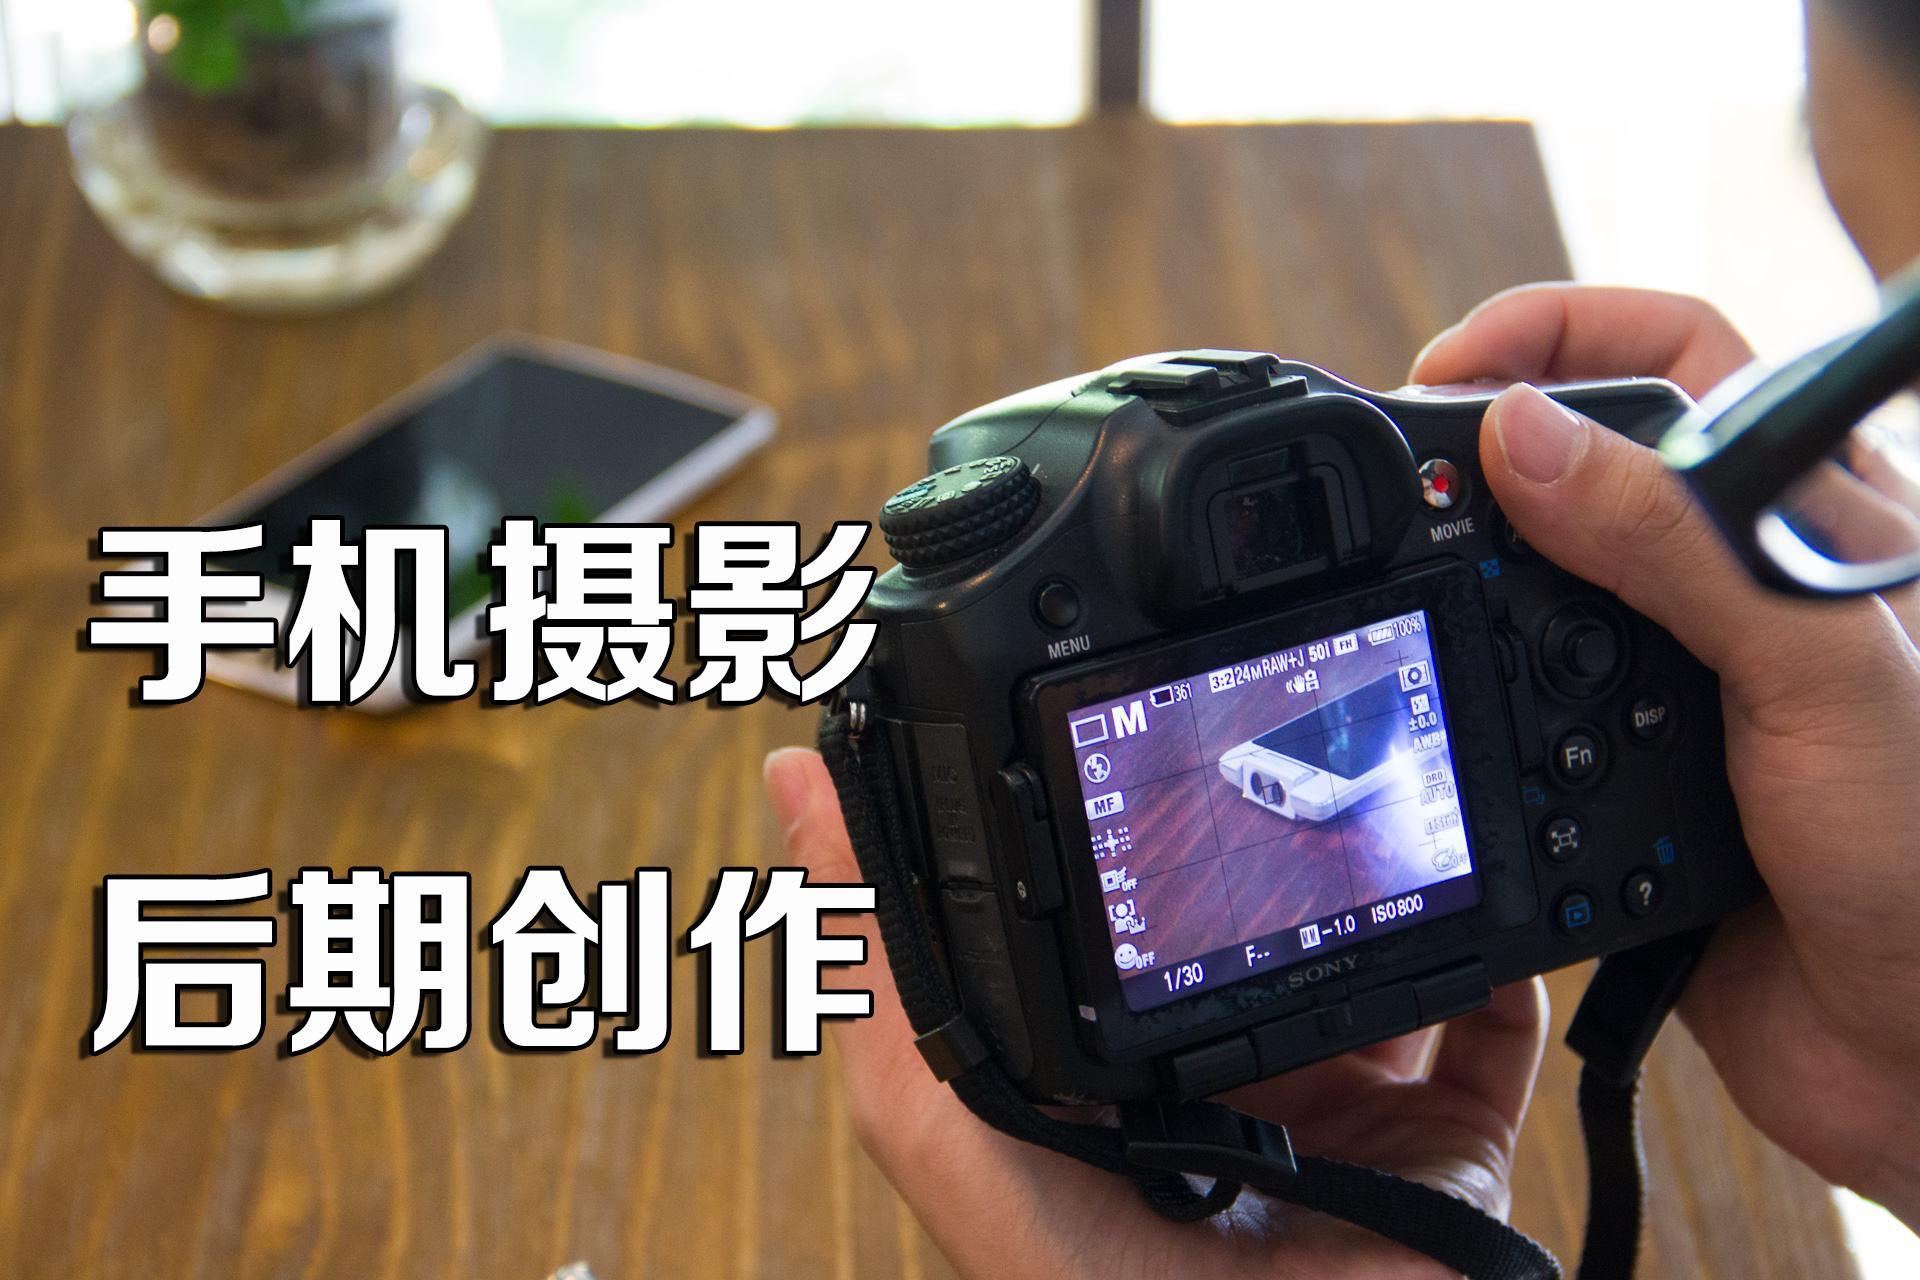 手机摄影创作后期摄影教程,第2张